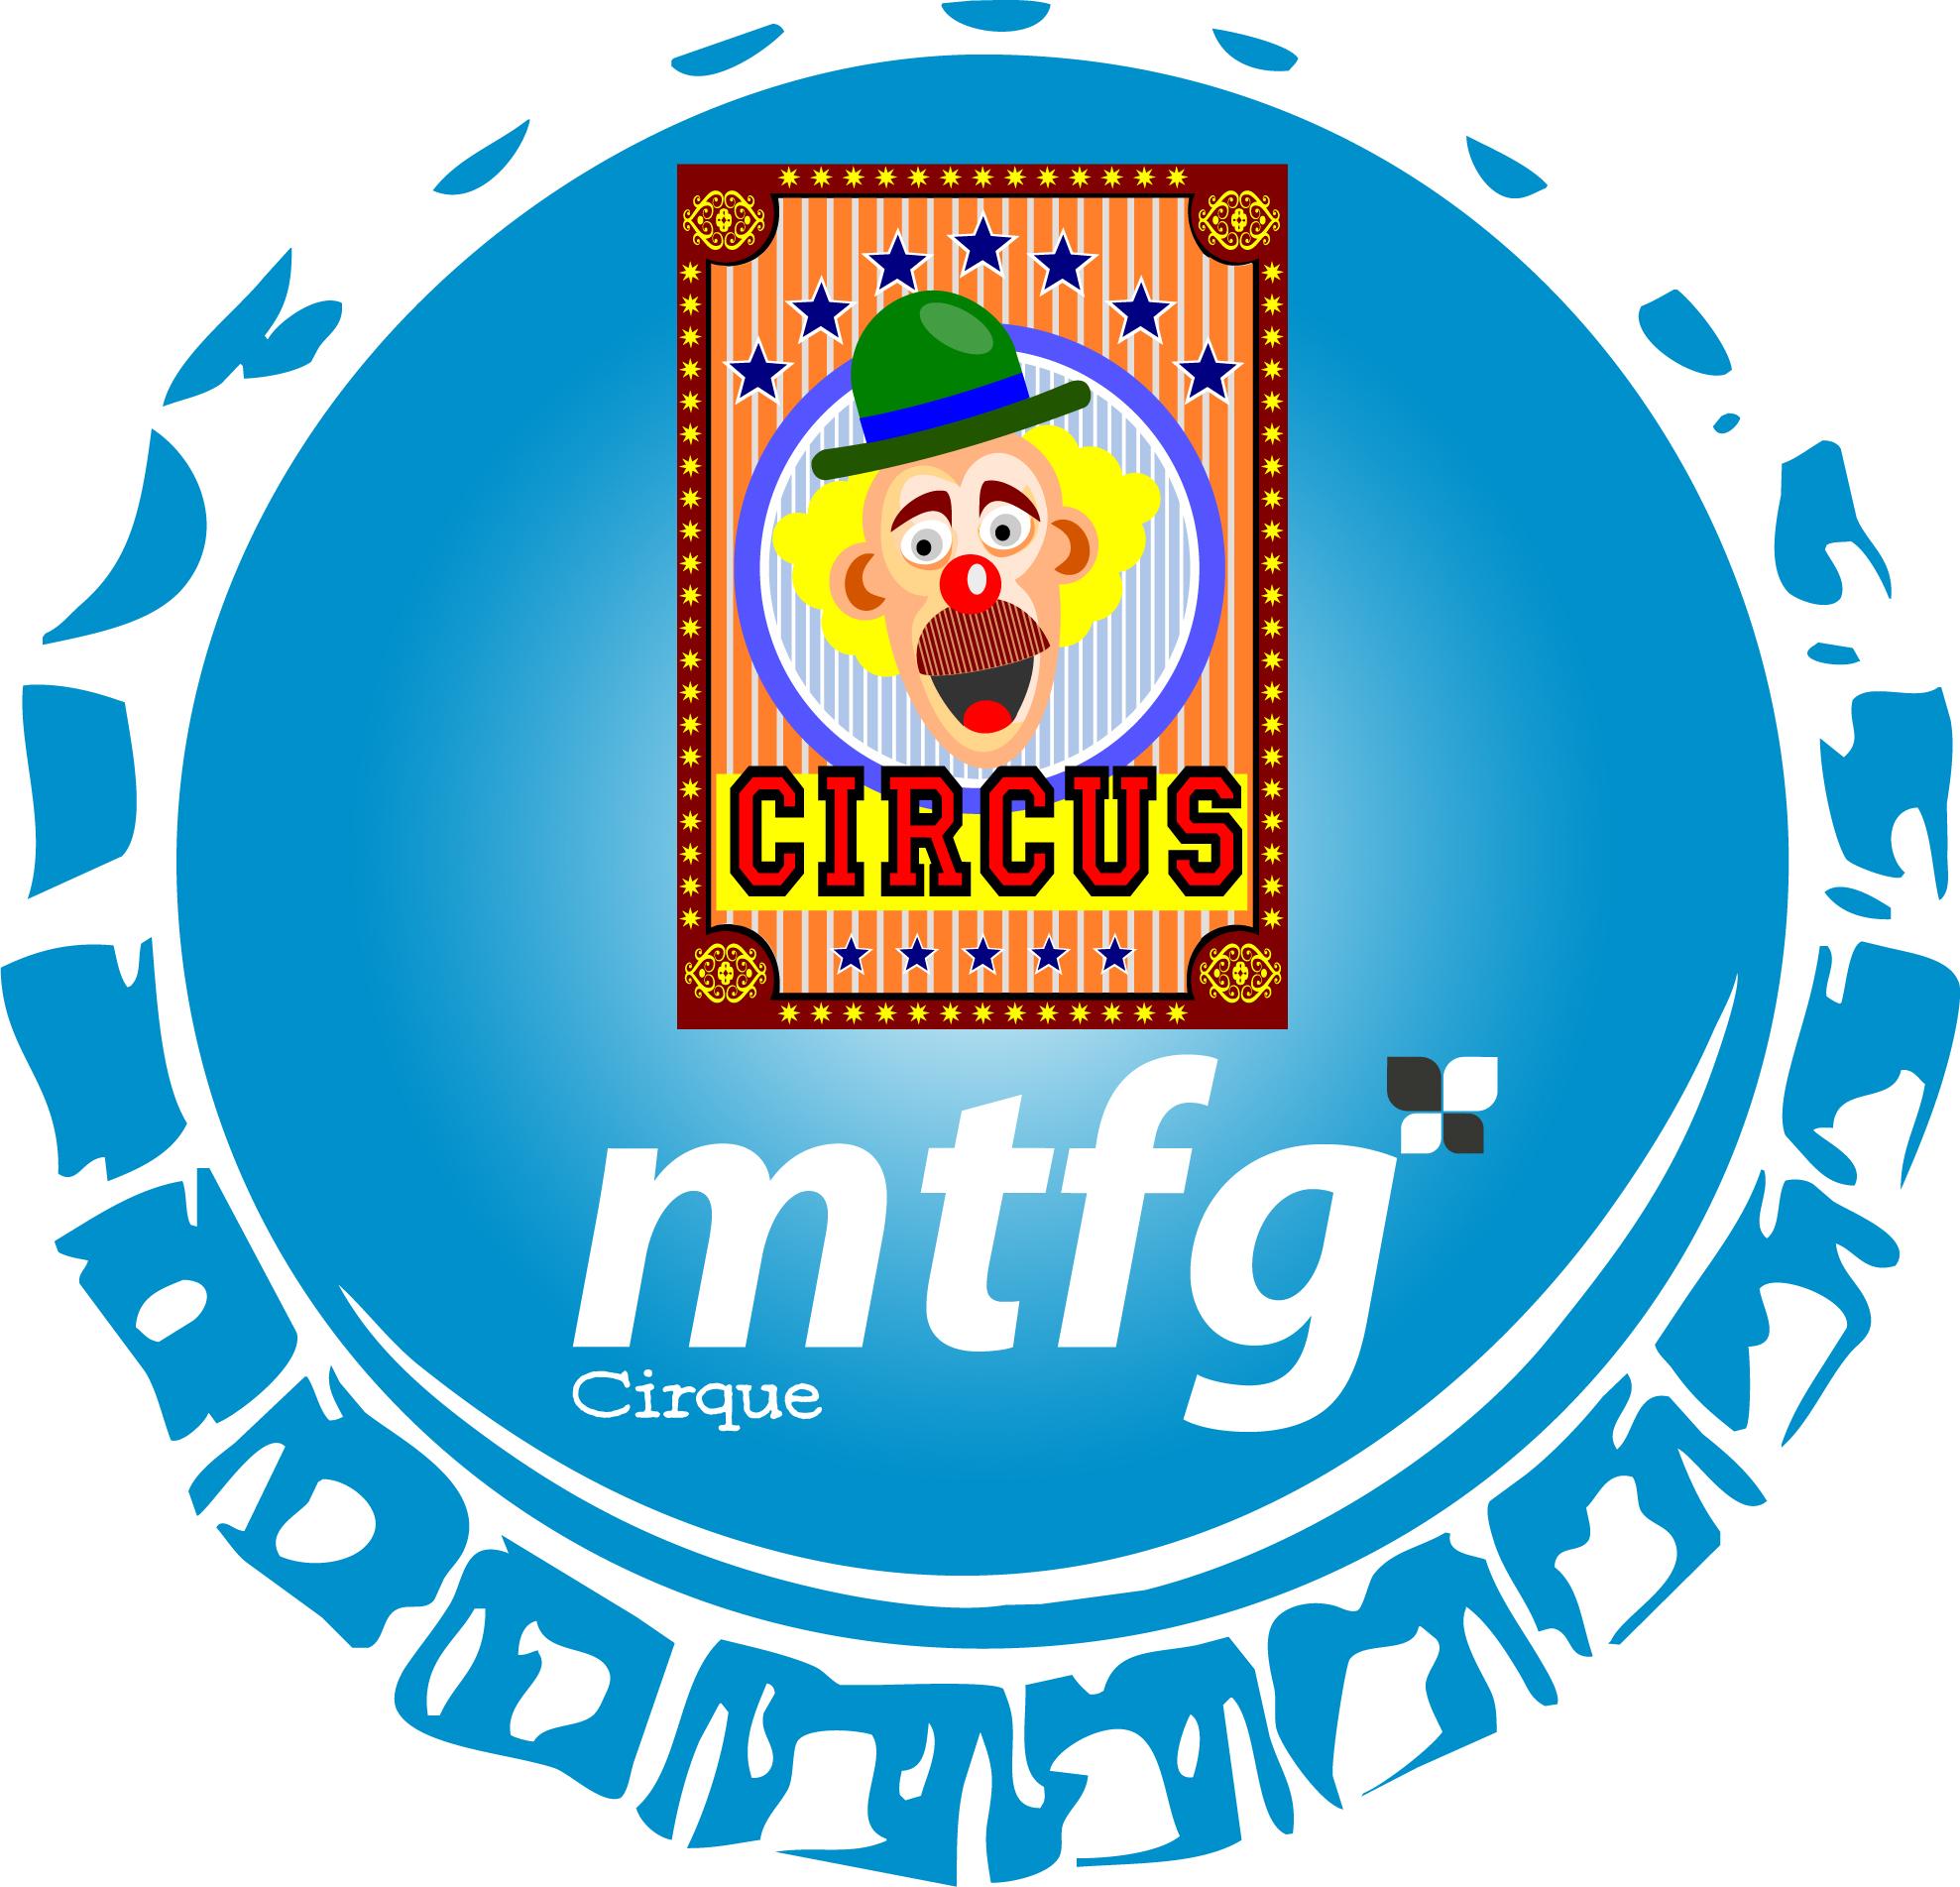 MTFG Cirque